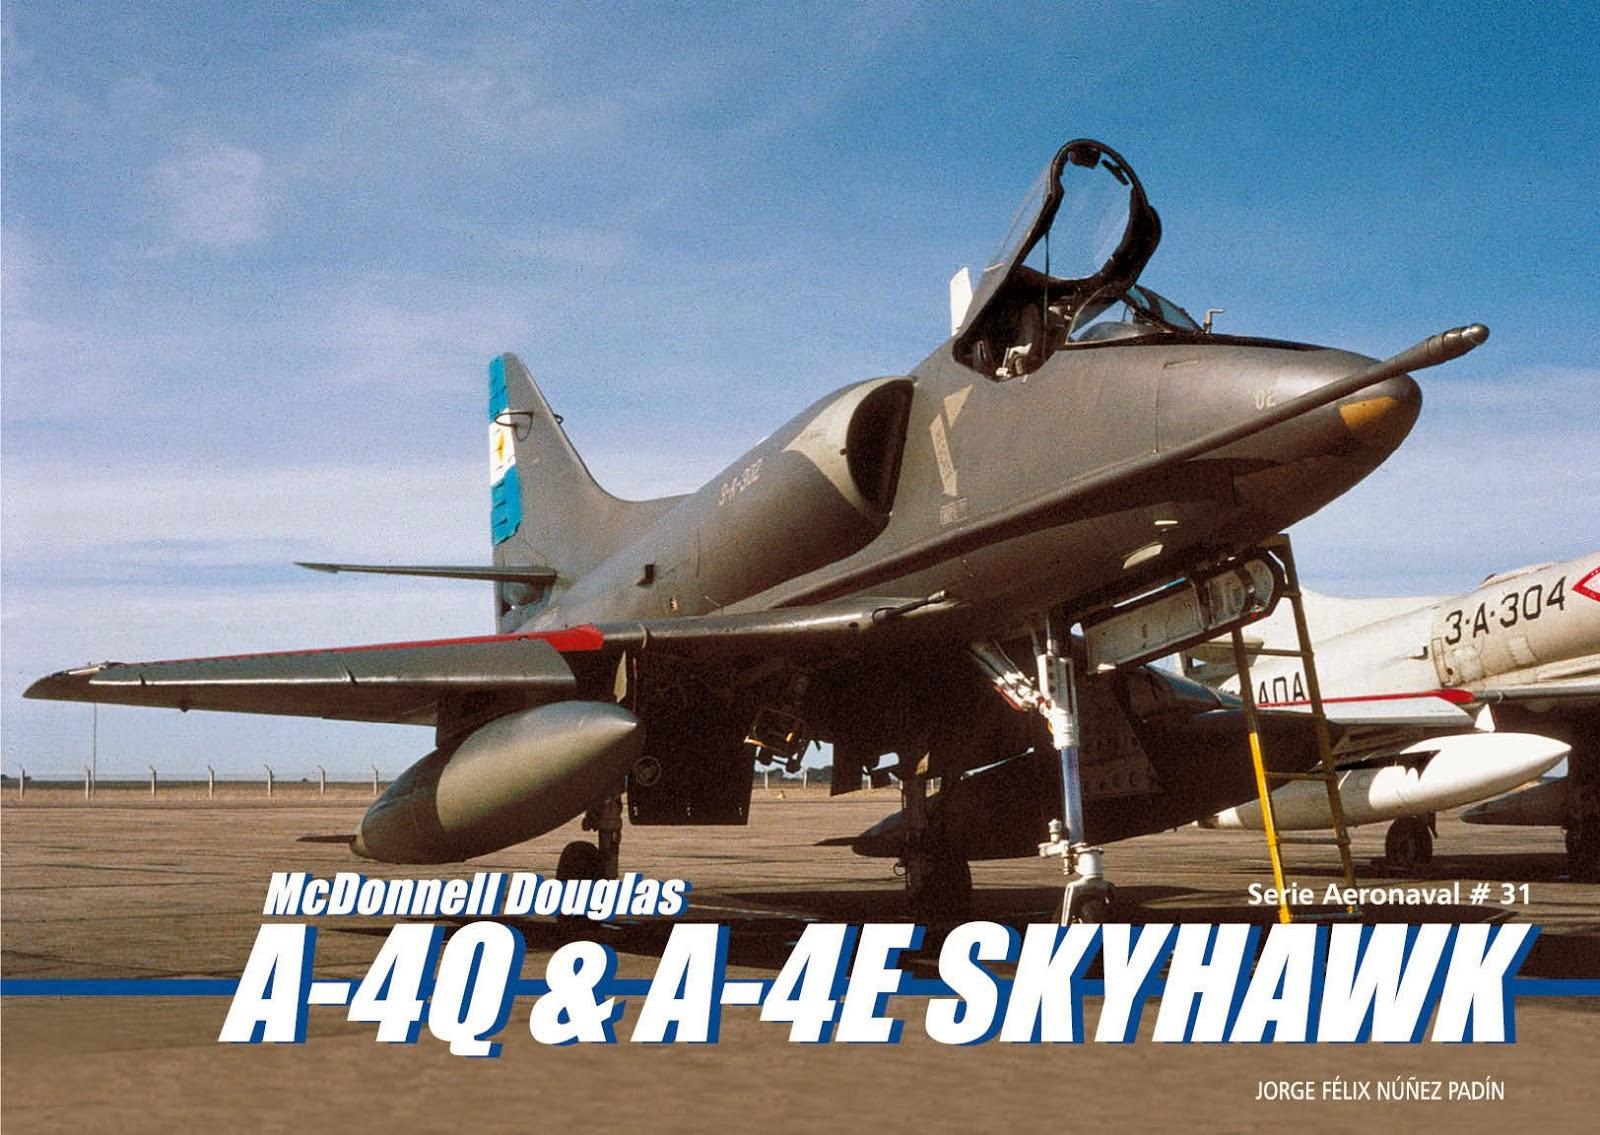 Serie Aeronaval N° 31